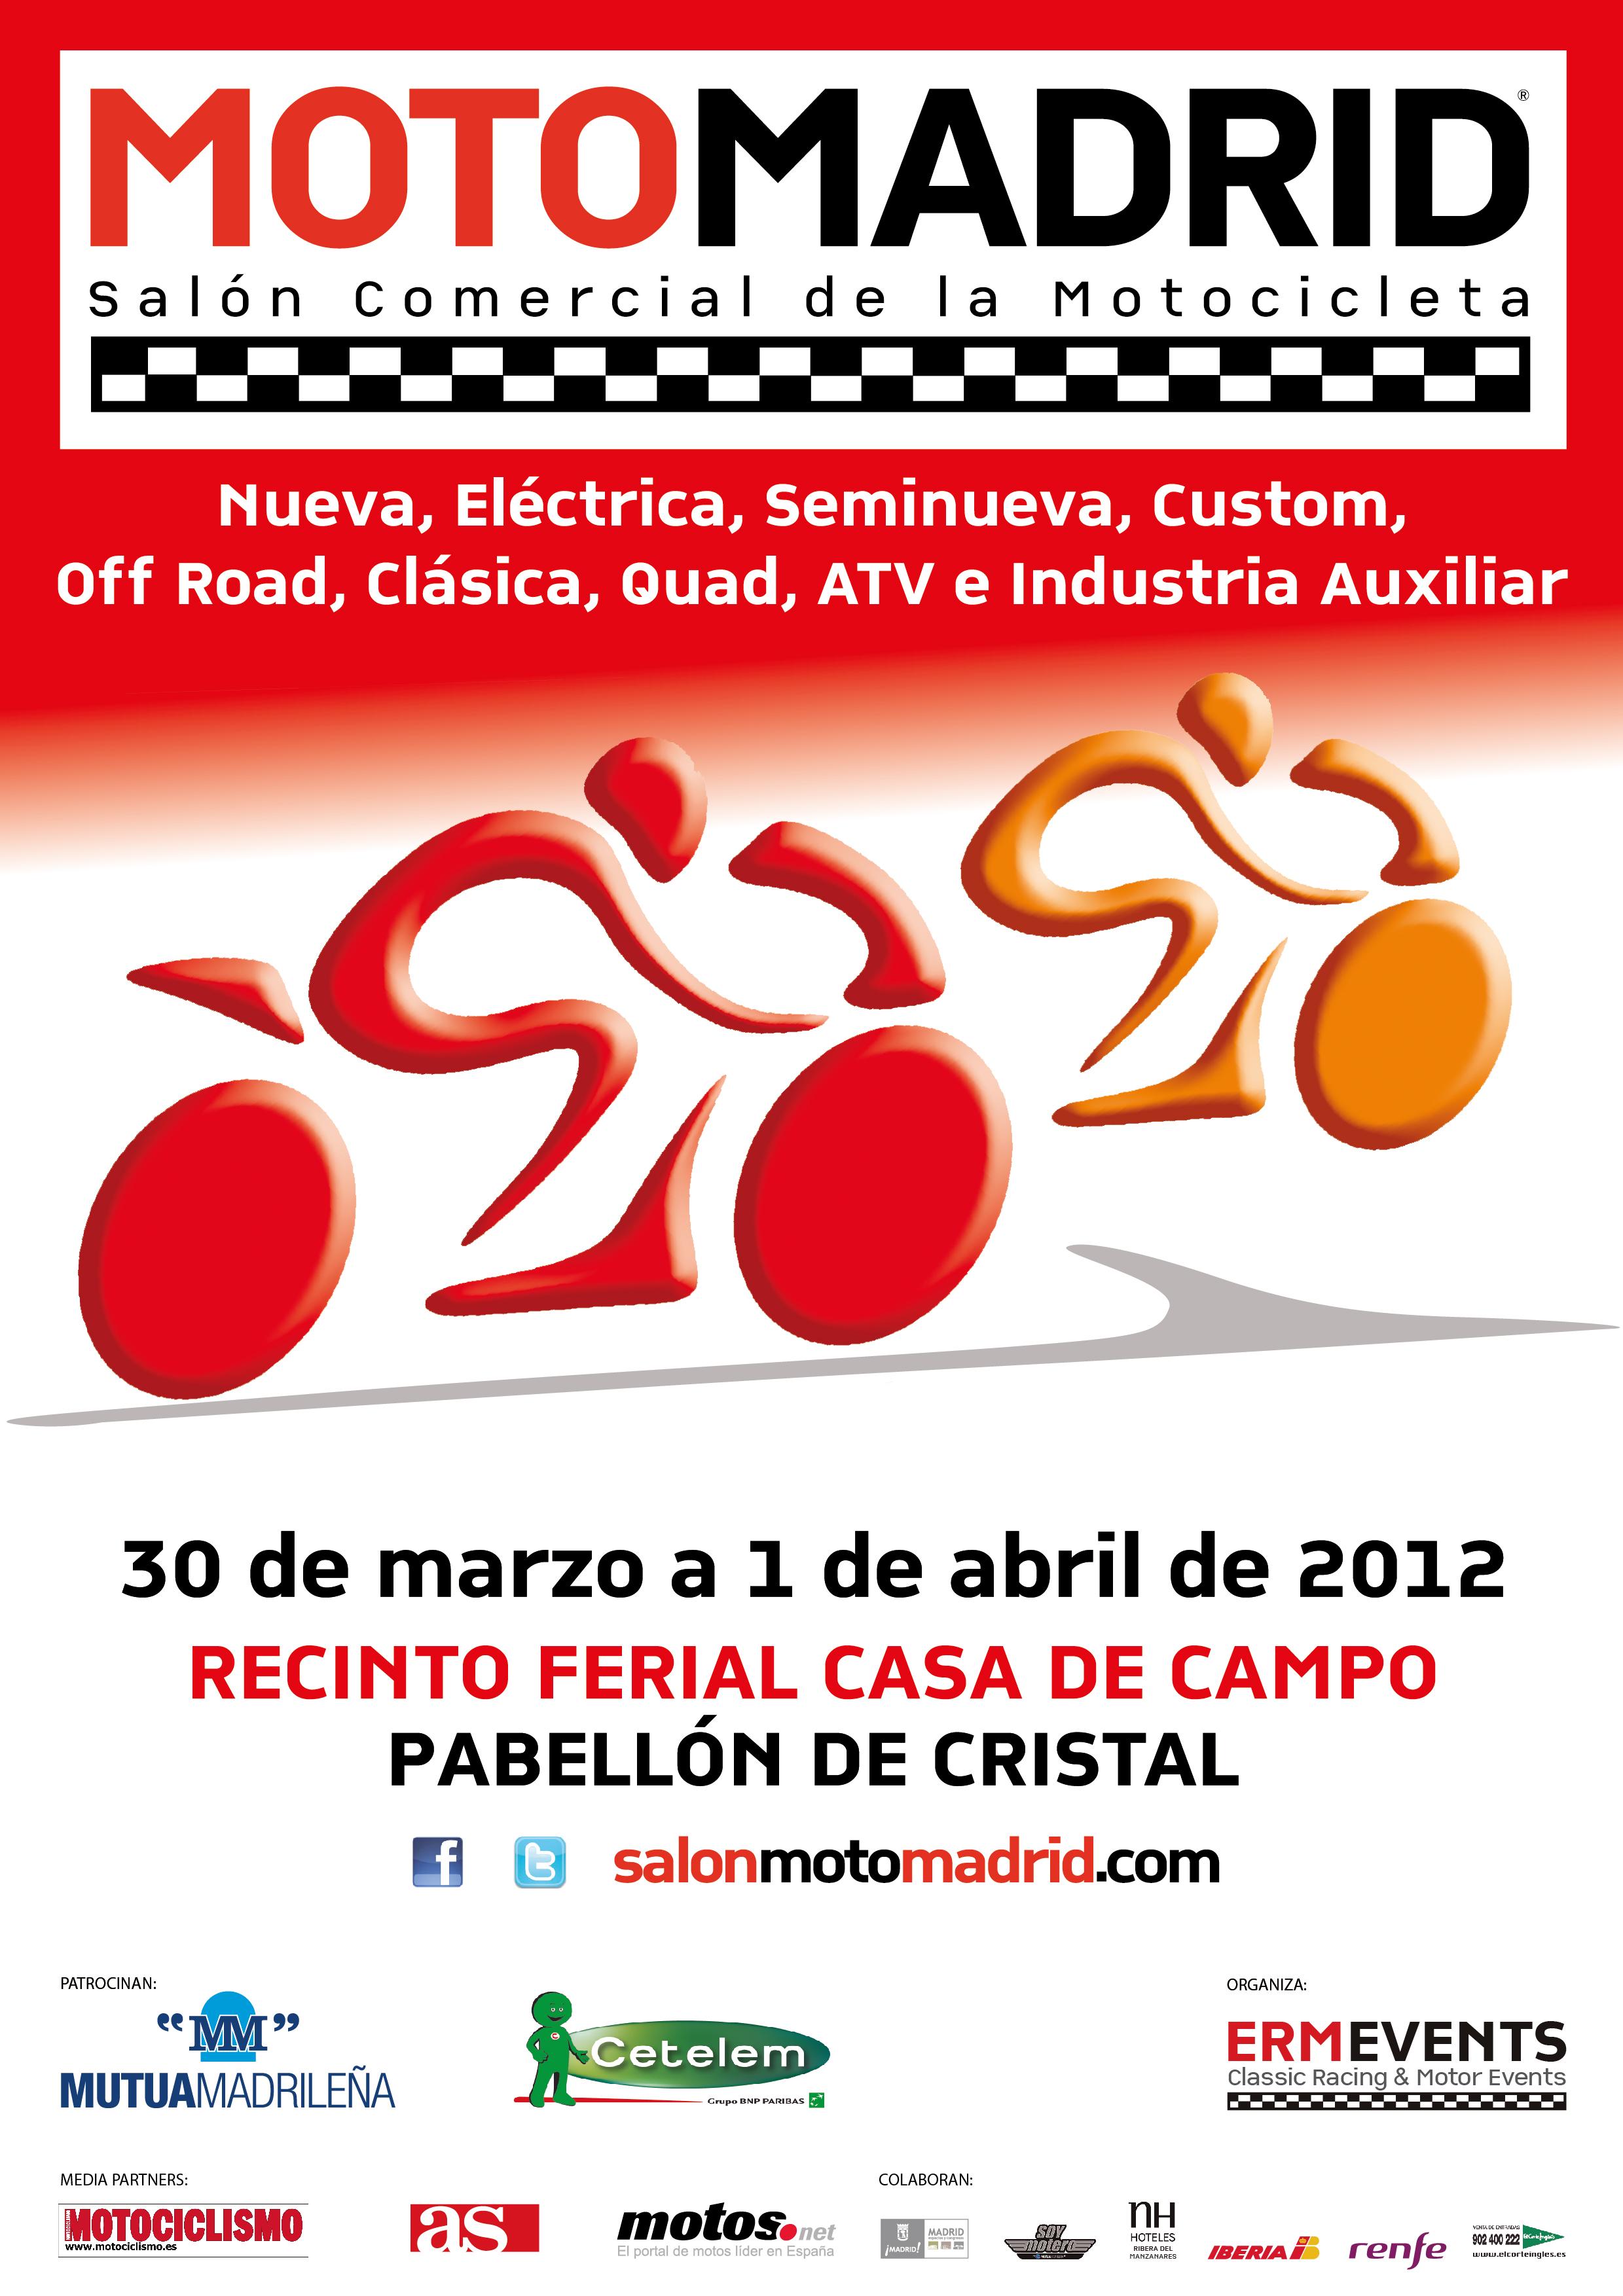 El Salón de la Moto de Madrid ultima los preparativos